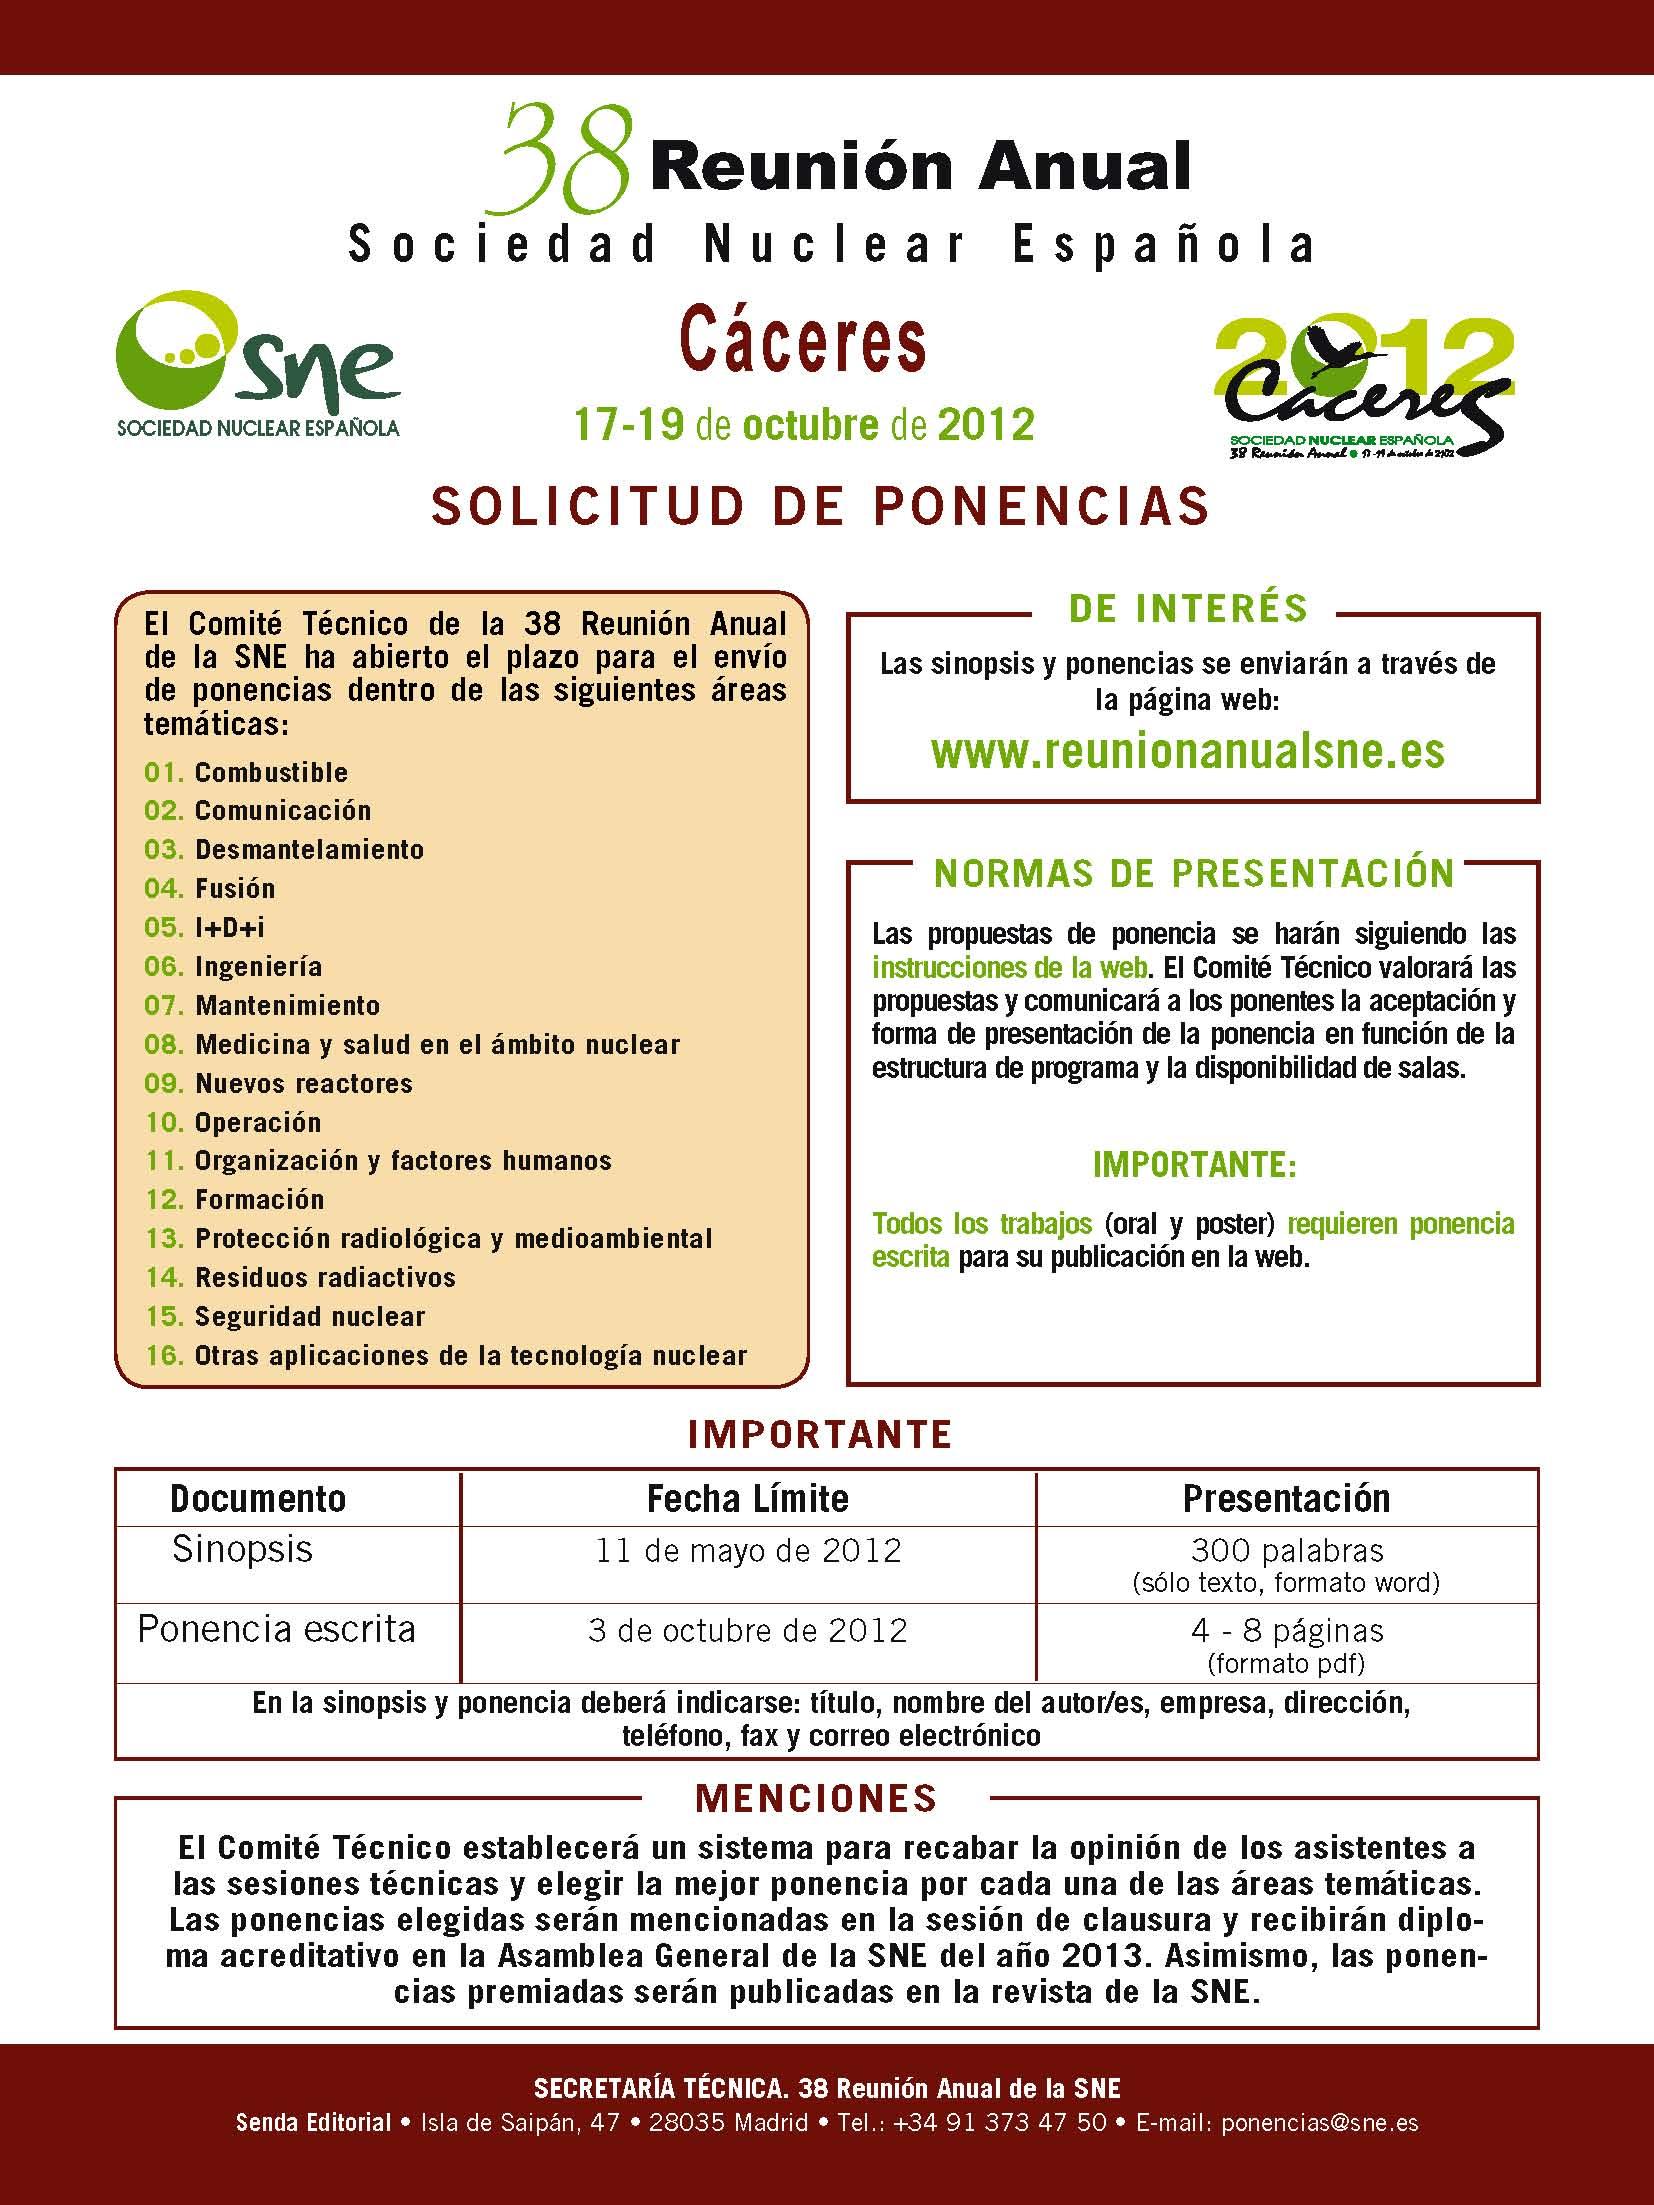 solicitud ponencias 38 Reunion Anual Sociedad NUCLEAR Española